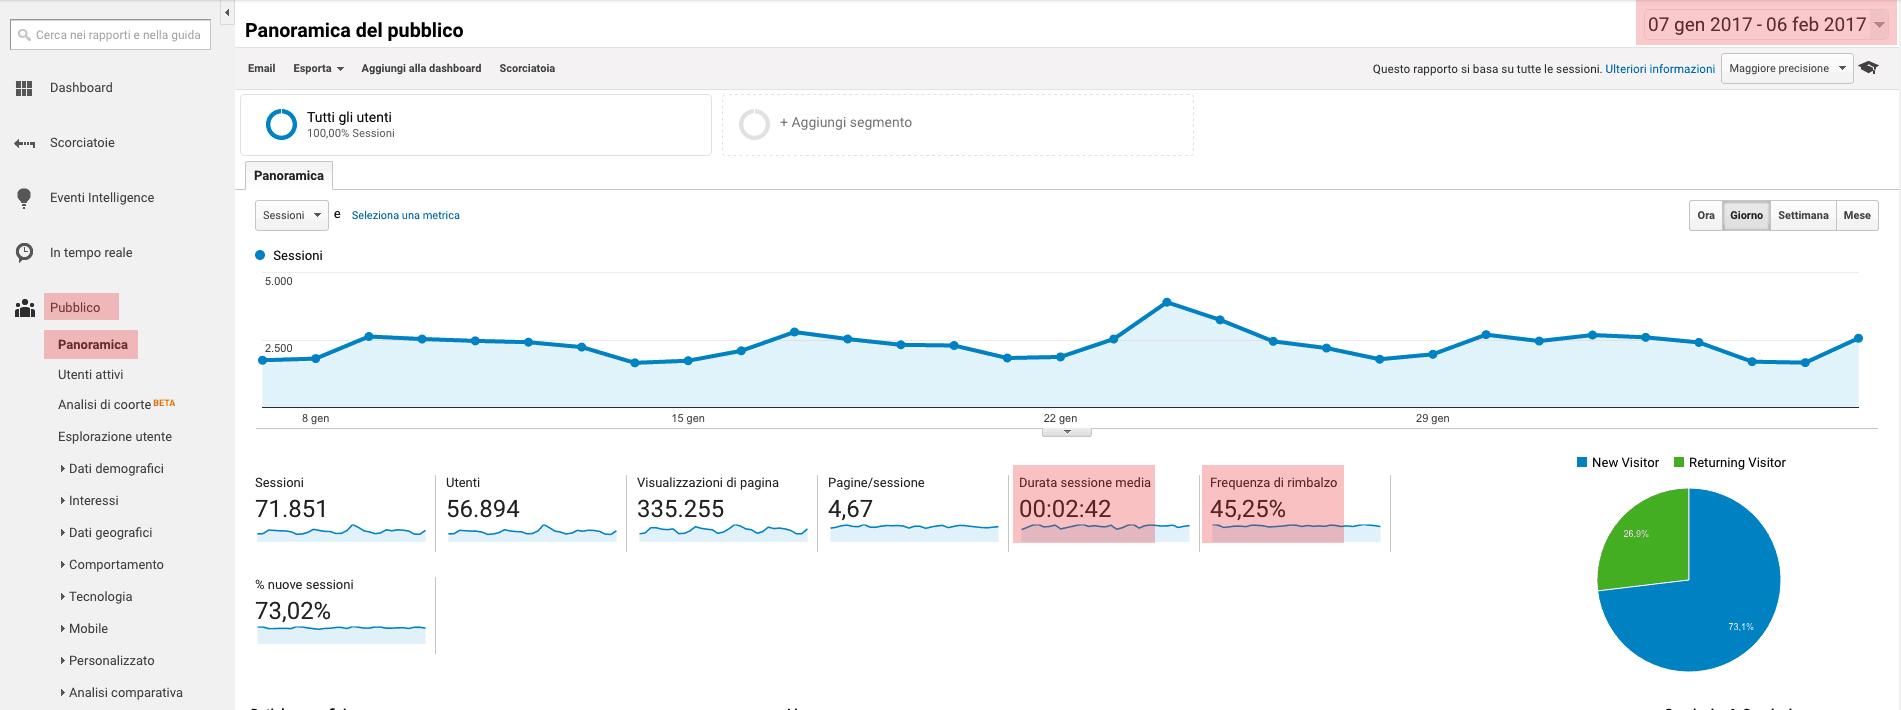 Sito web e Analytics: KPI Pubblico